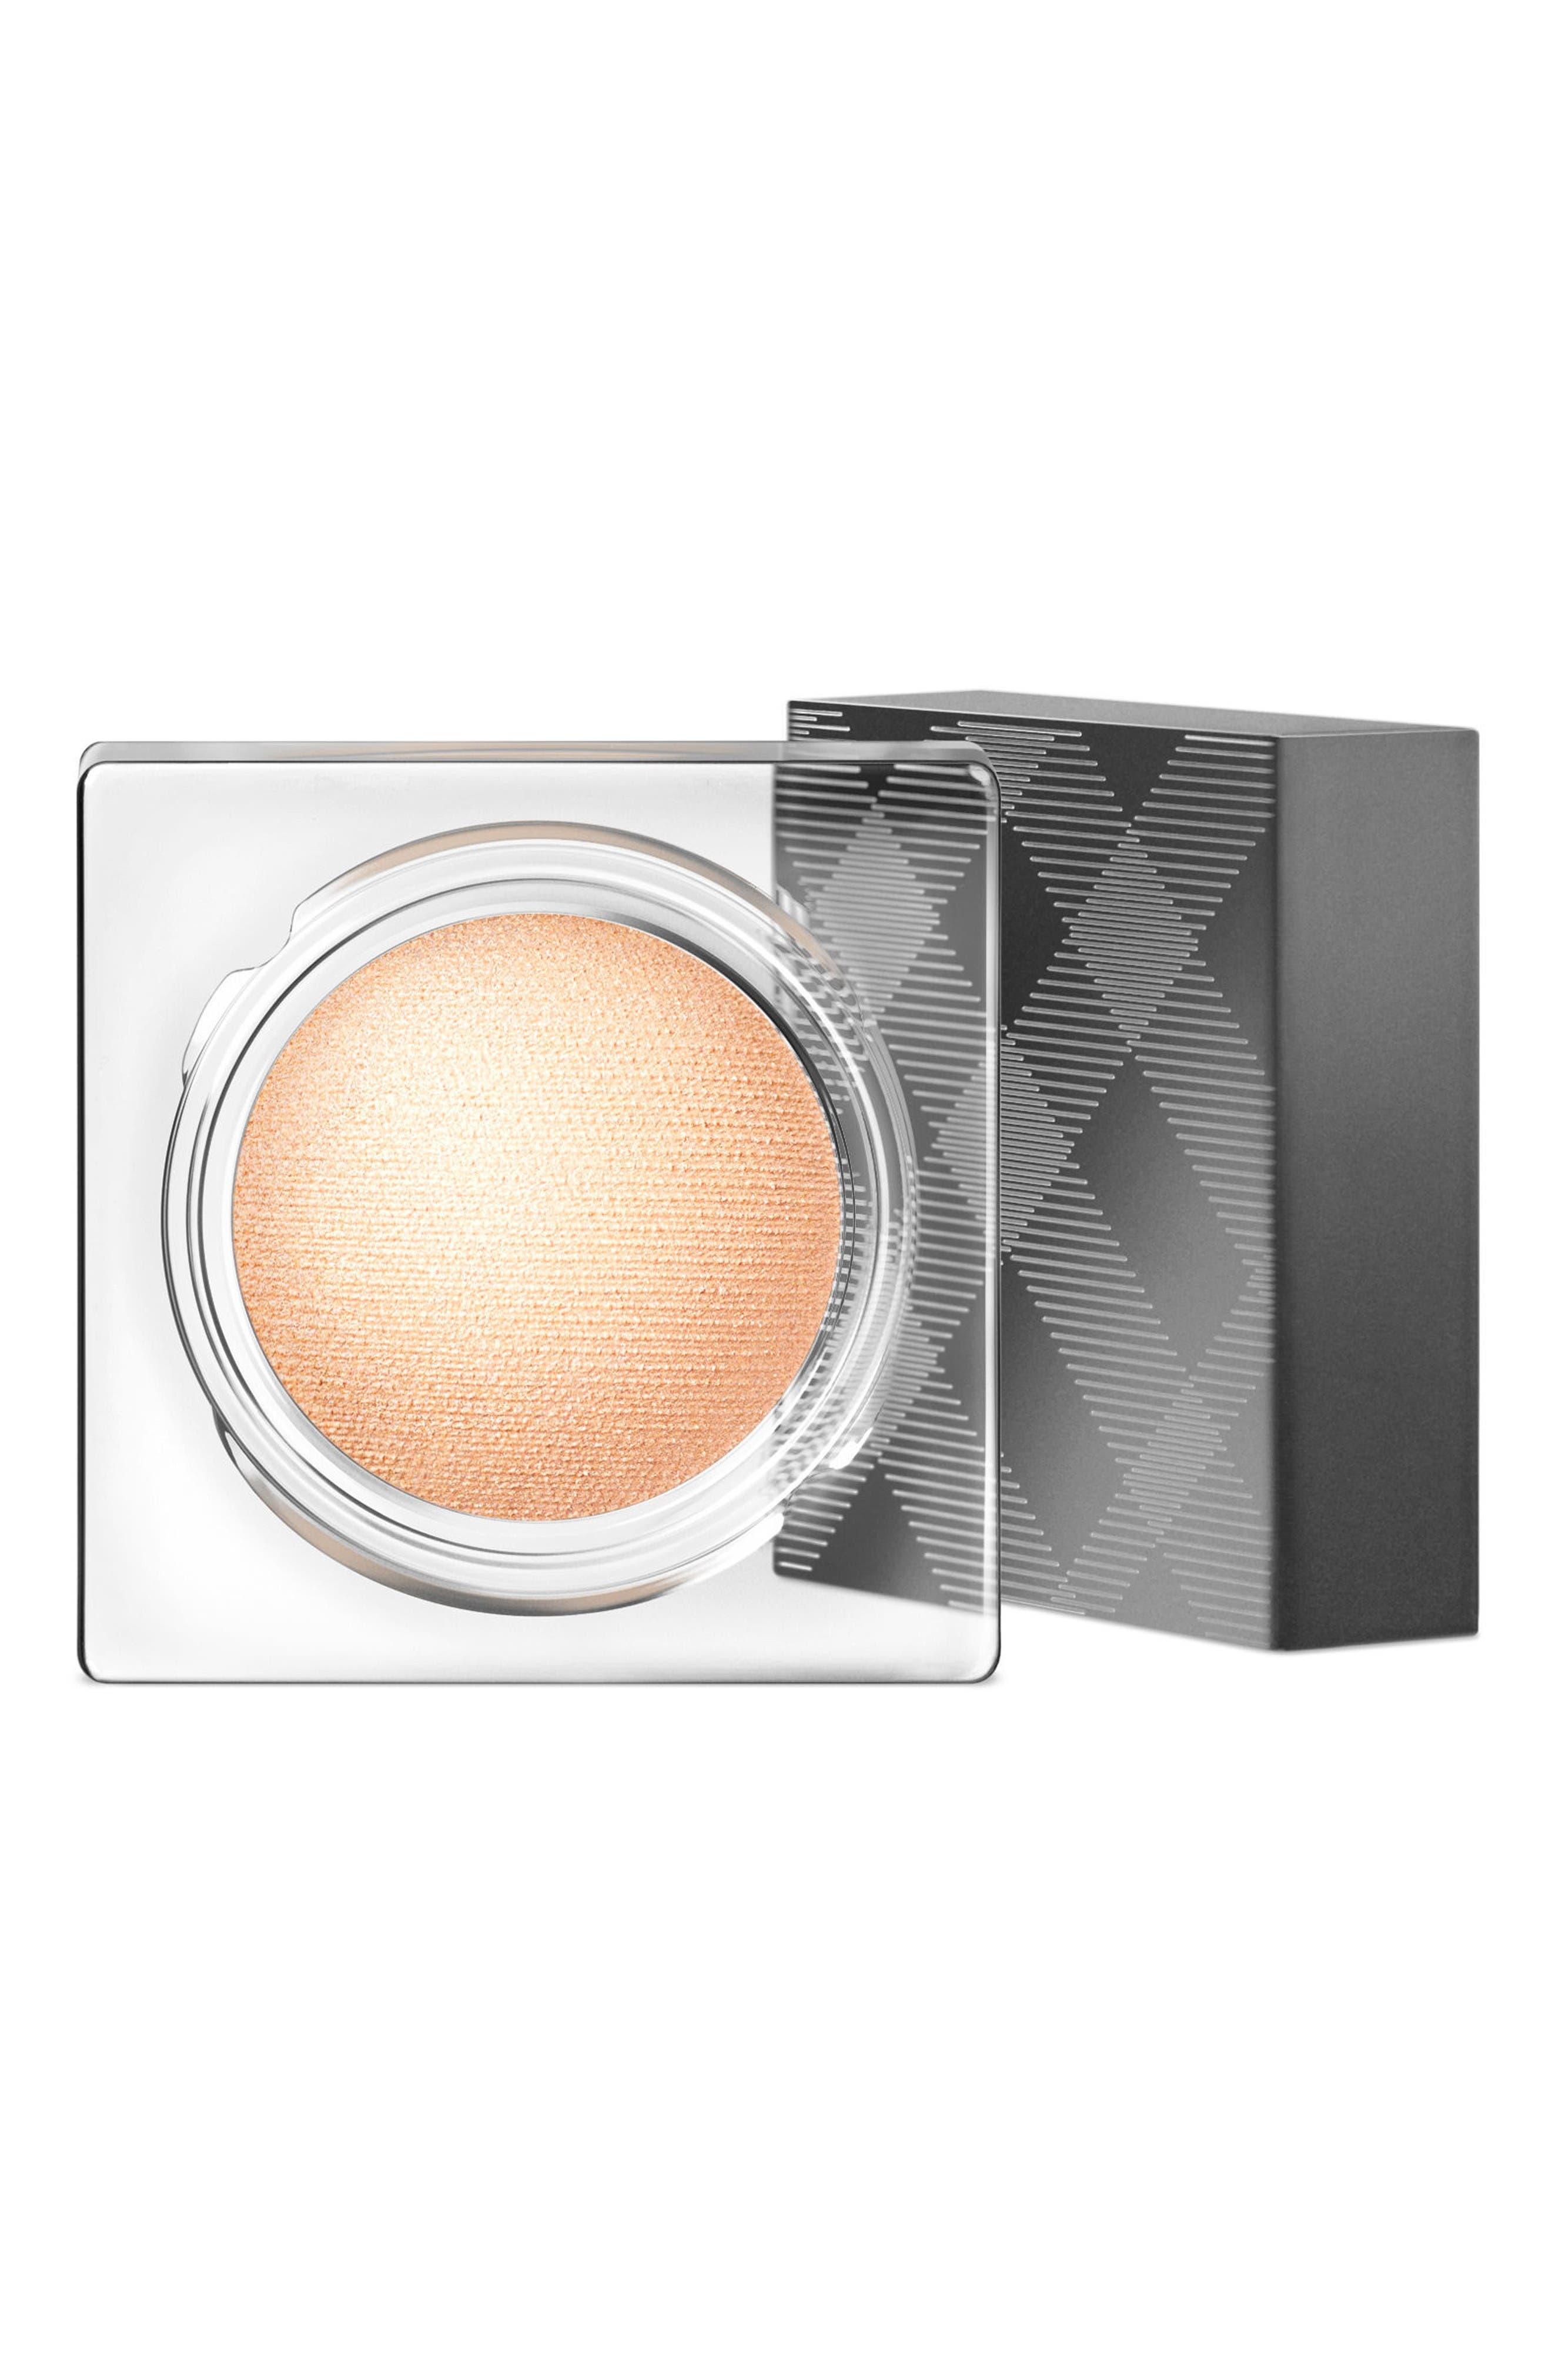 Burberry Beauty Eye Colour Cream